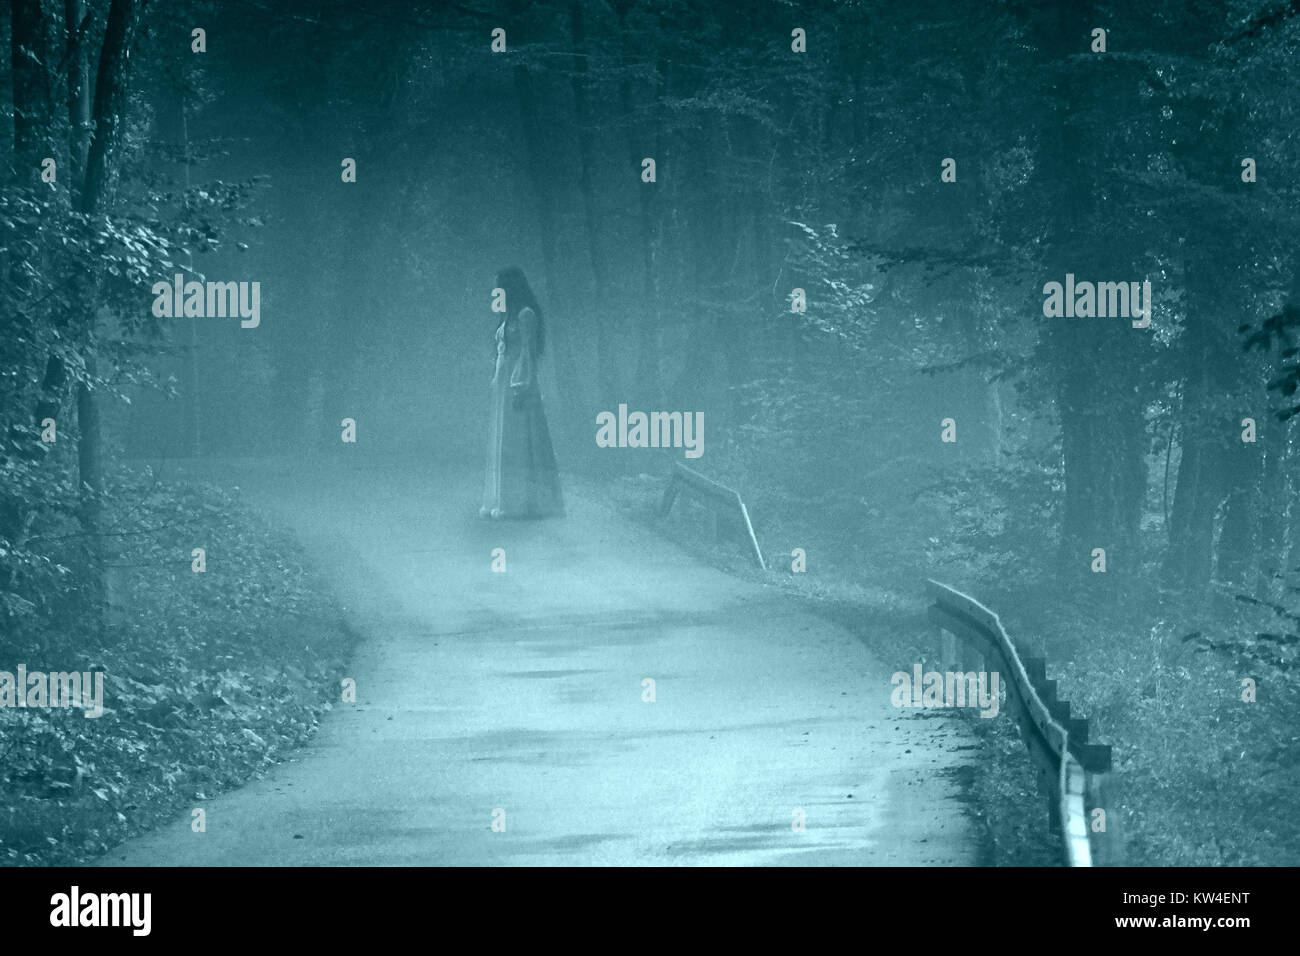 Donna misteriosa Ghost in abito bianco nel nebbioso strada forestale, vintage filtro di rumore Immagini Stock